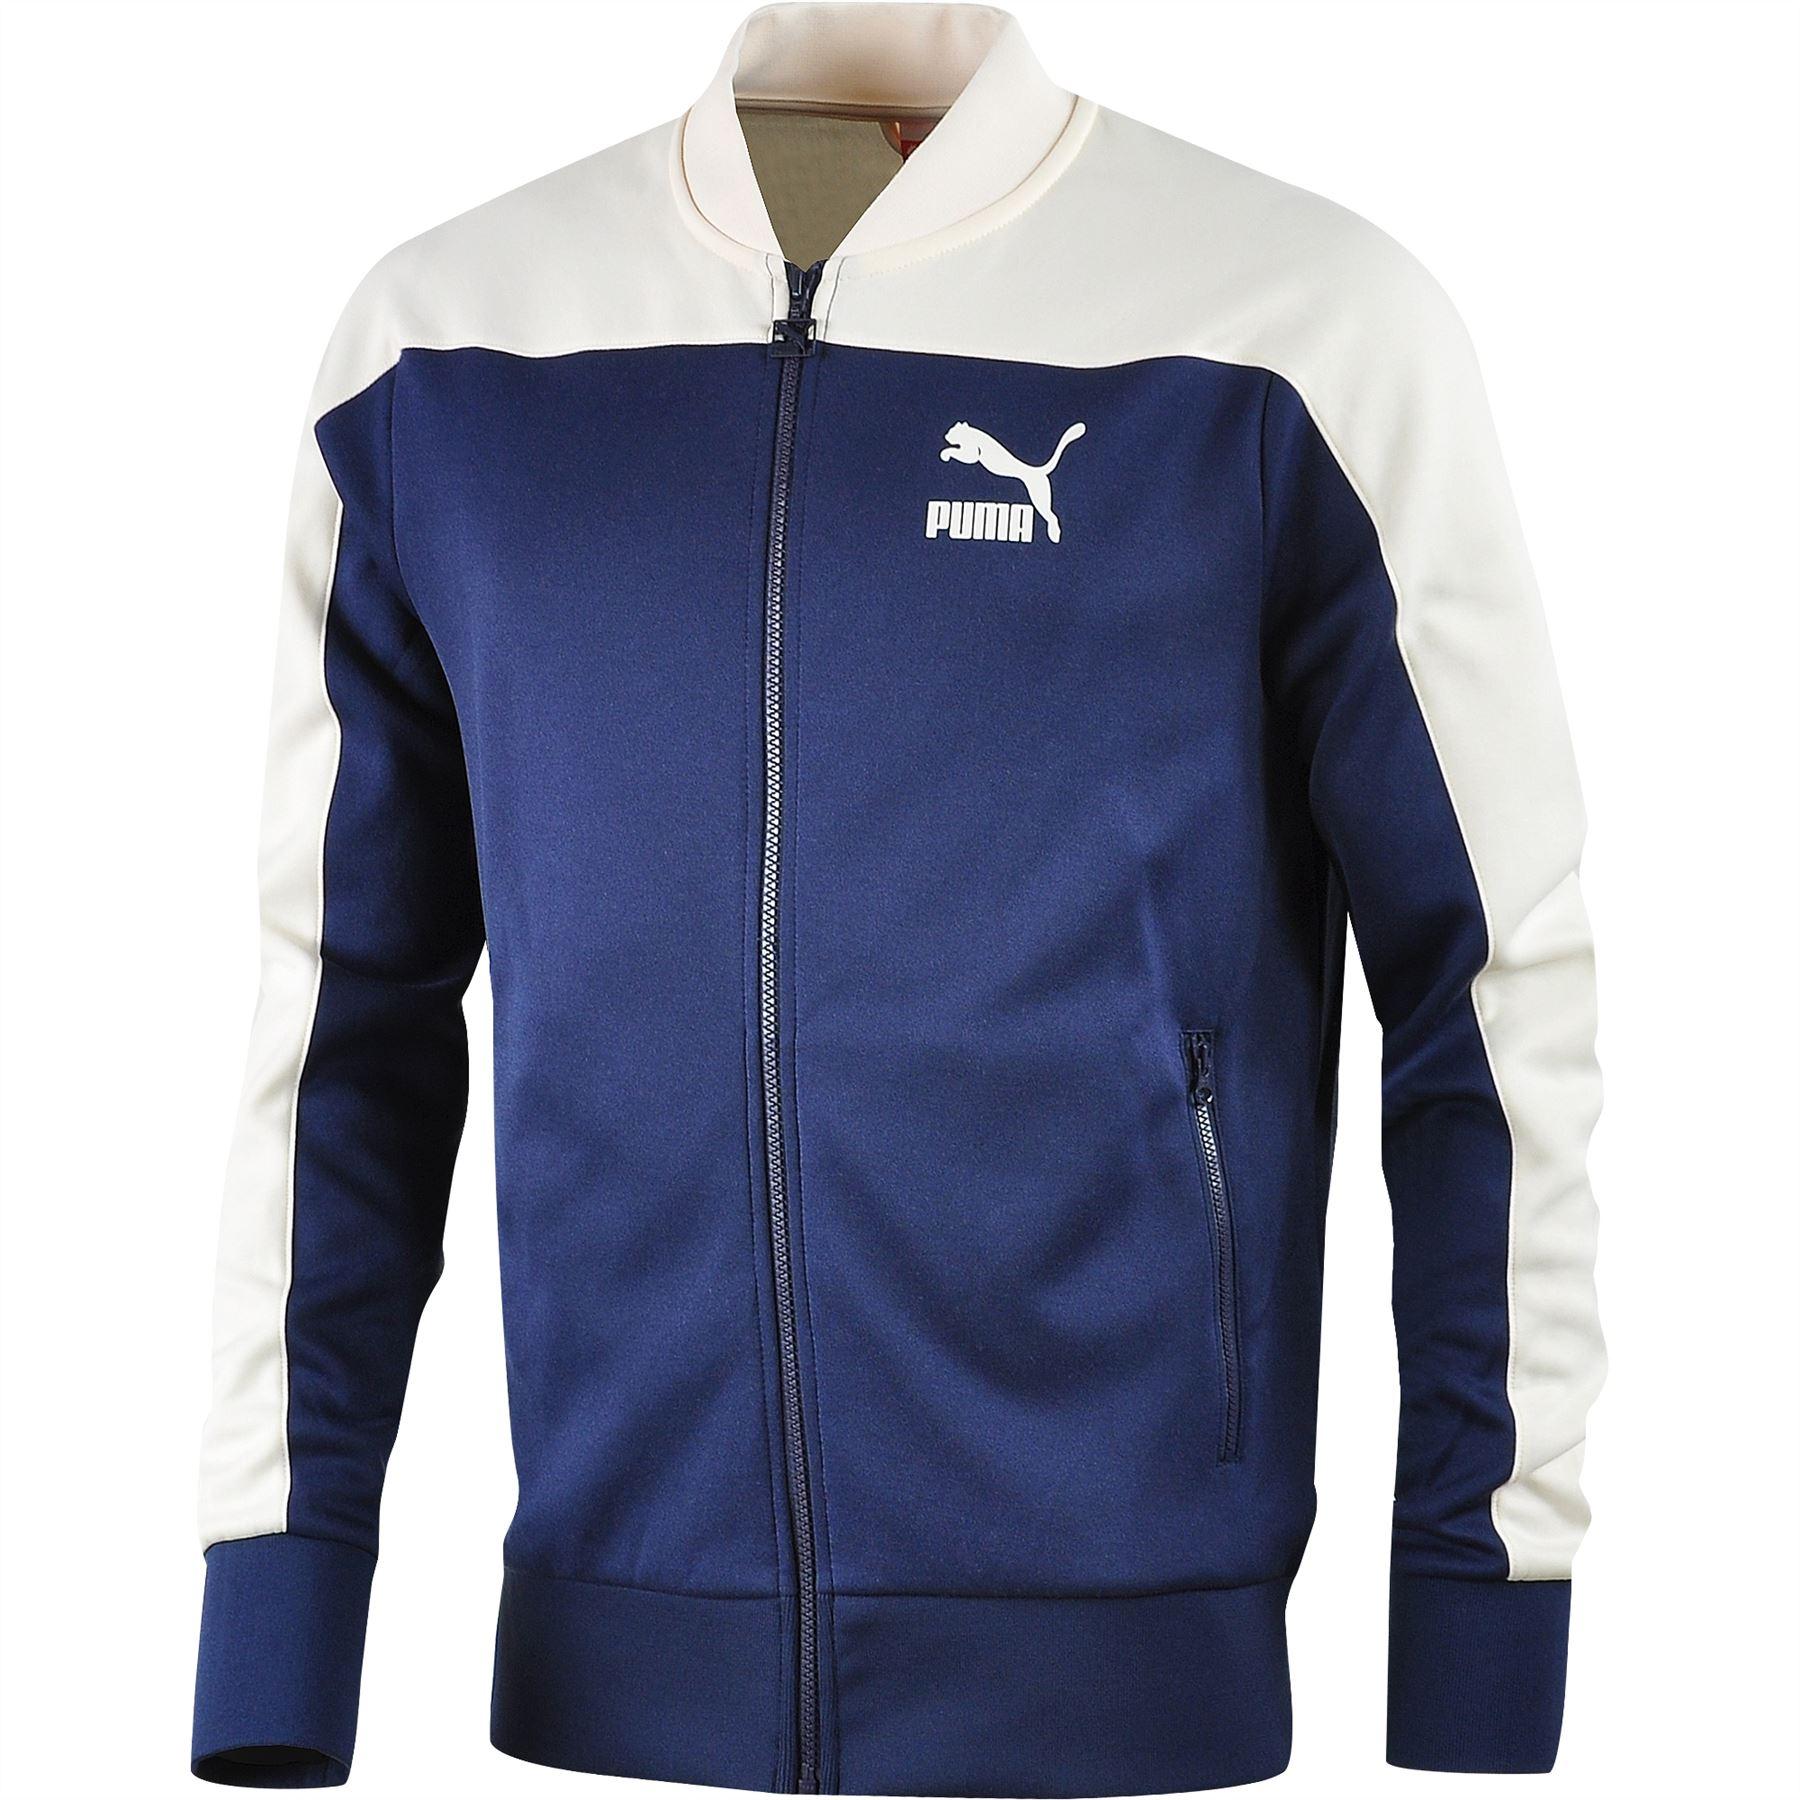 35952f7d96 Puma LS Slim Eagle Point Full Zip Sweat Retro Jacket in Black   Blue ...